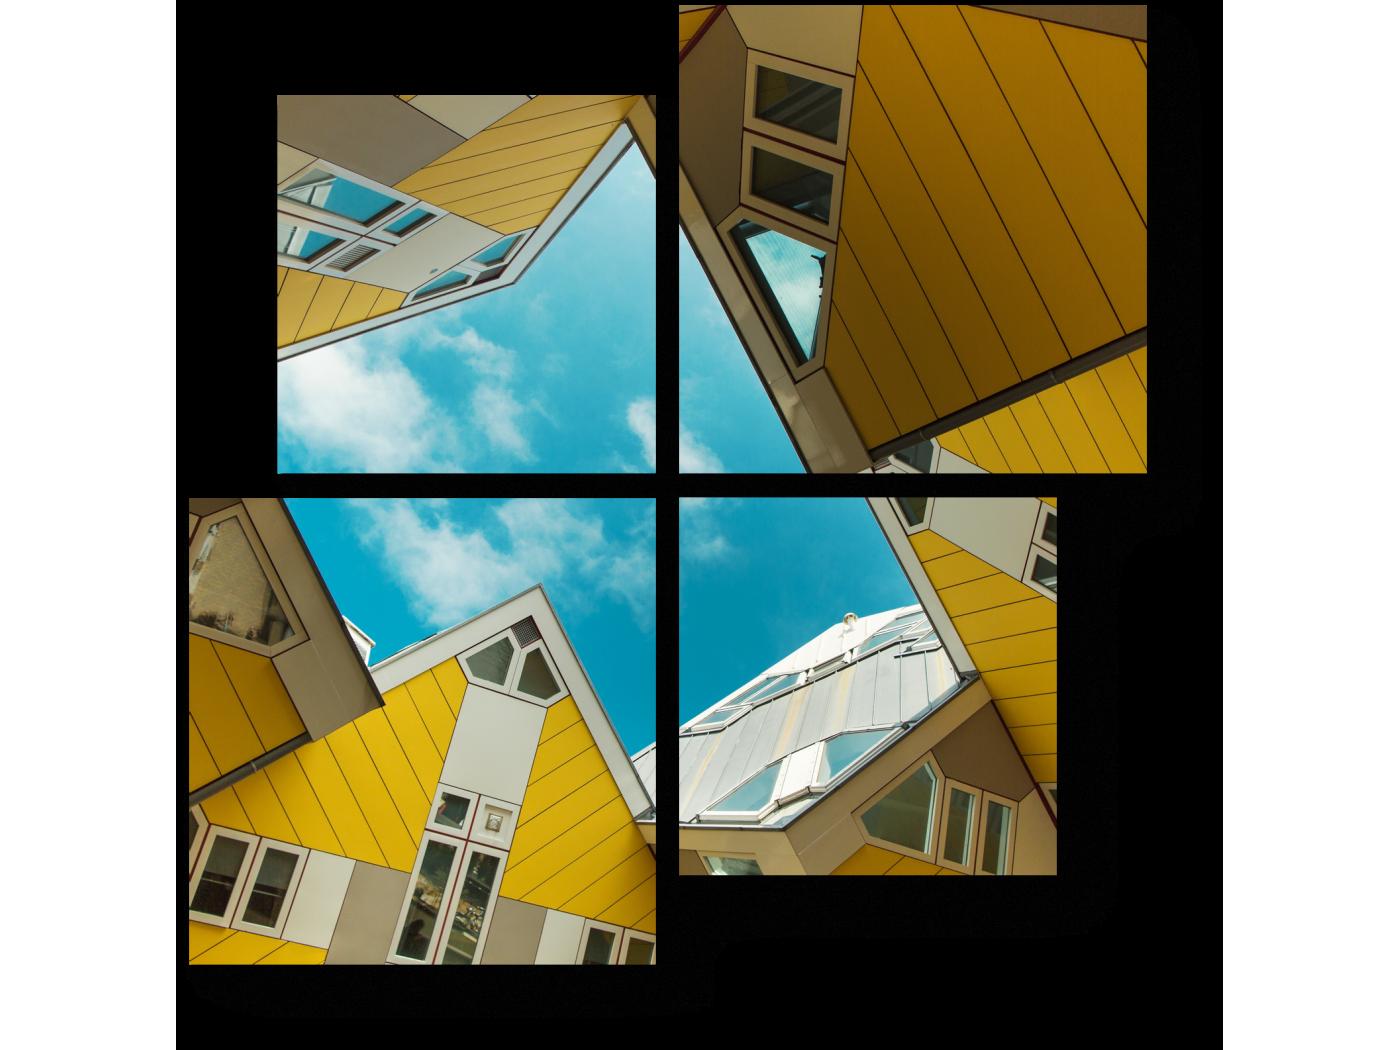 Модульная картина Футуристическая архитектура (50x50) фото